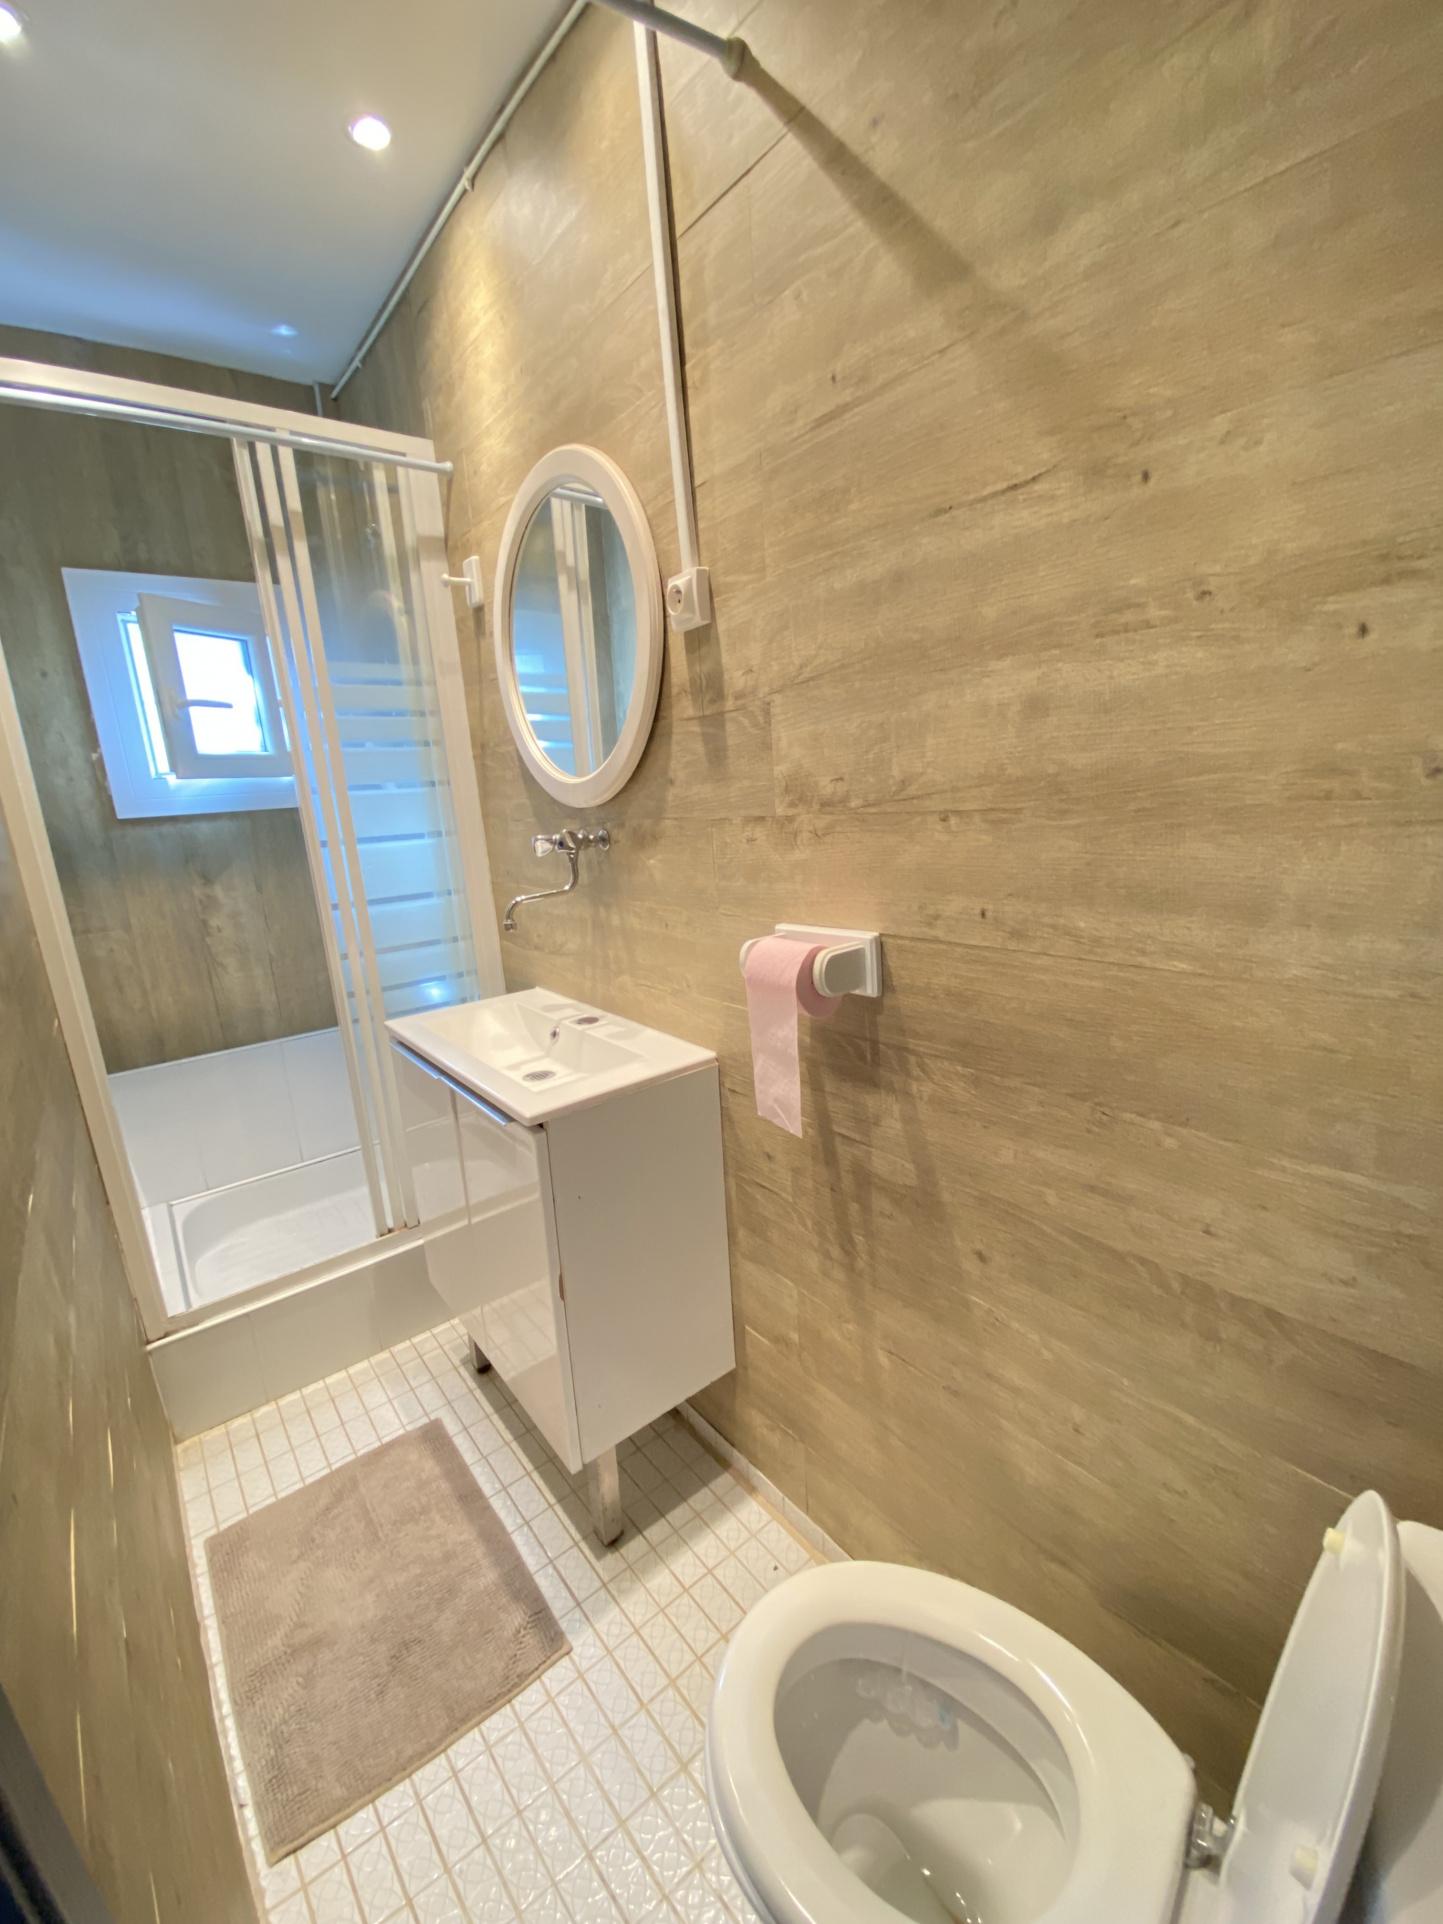 À vendre maison/villa de 34m2 à argeles sur mer (66700) - Photo 3'